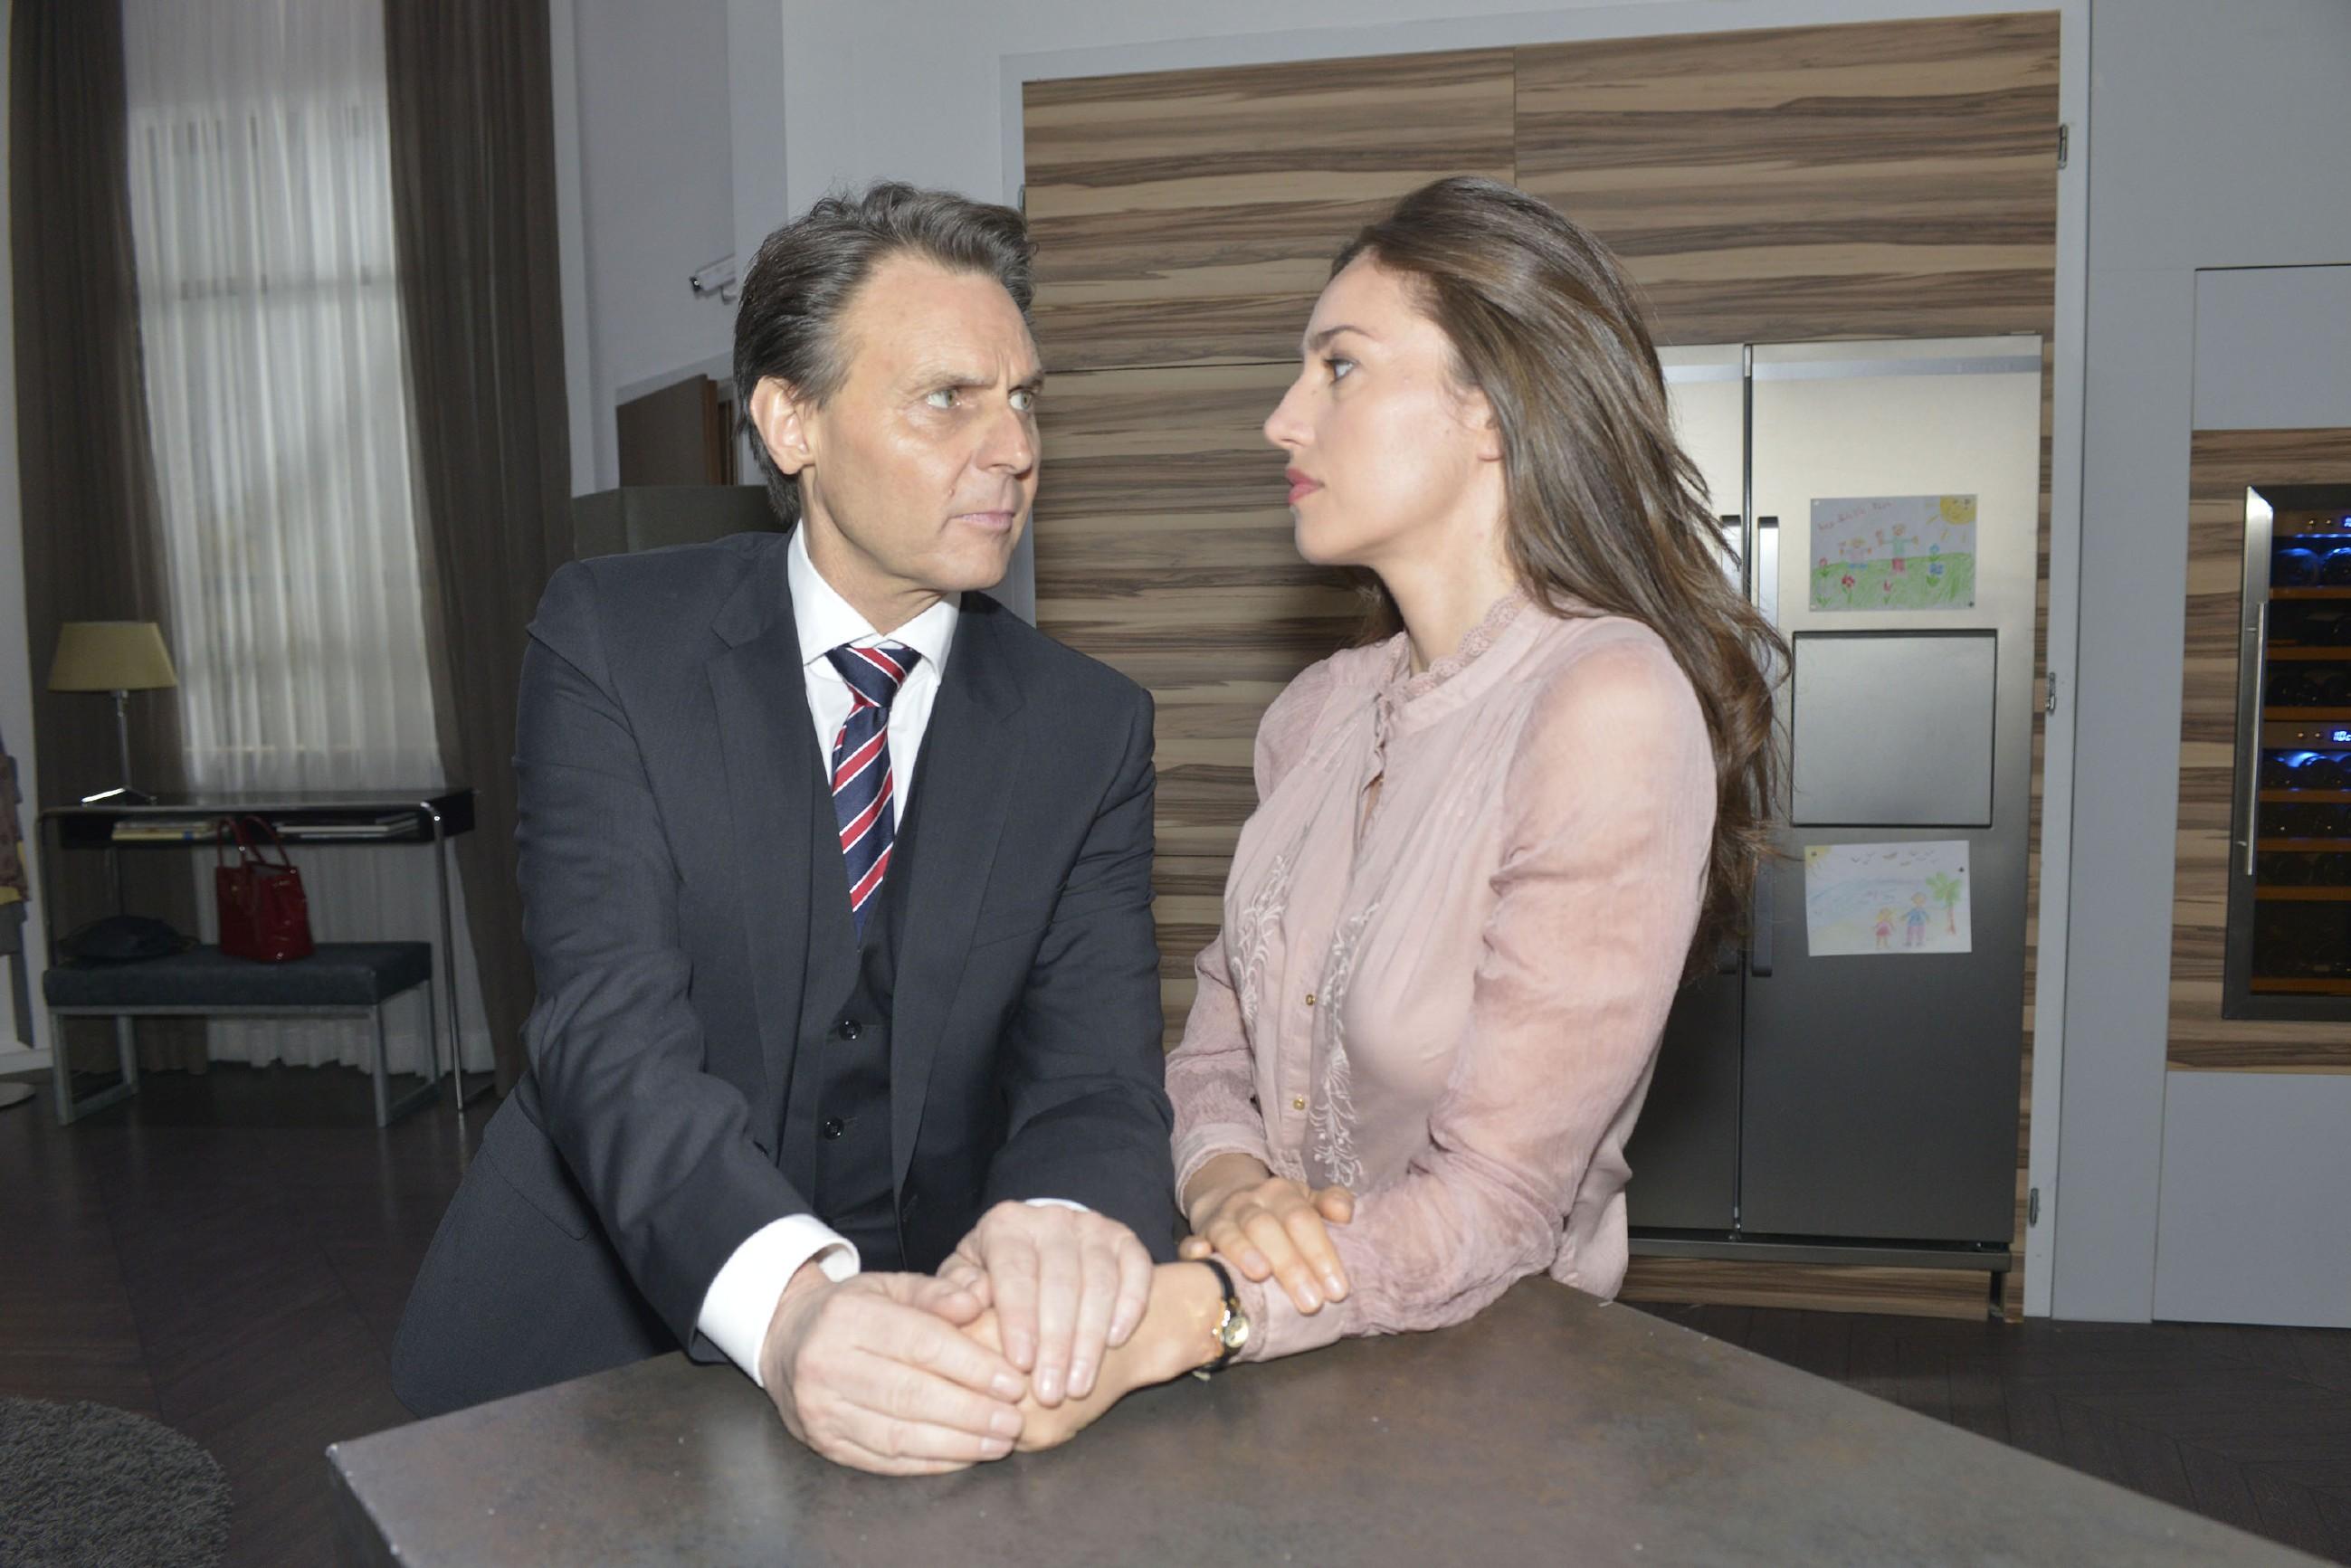 Elena (Elena Garcia Gerlach) ist getroffen, dass Gerner (Wolfgang Bahro) ihre Beziehung vor der Presse mehrmals geleugnet hat. Als er jedoch sein Handeln mit dem Verweis auf die schwierige Situation mit Johanna erklärt, zeigt Elena sich verständnisvoll. (Quelle: RTL / Rolf Baumgartner)